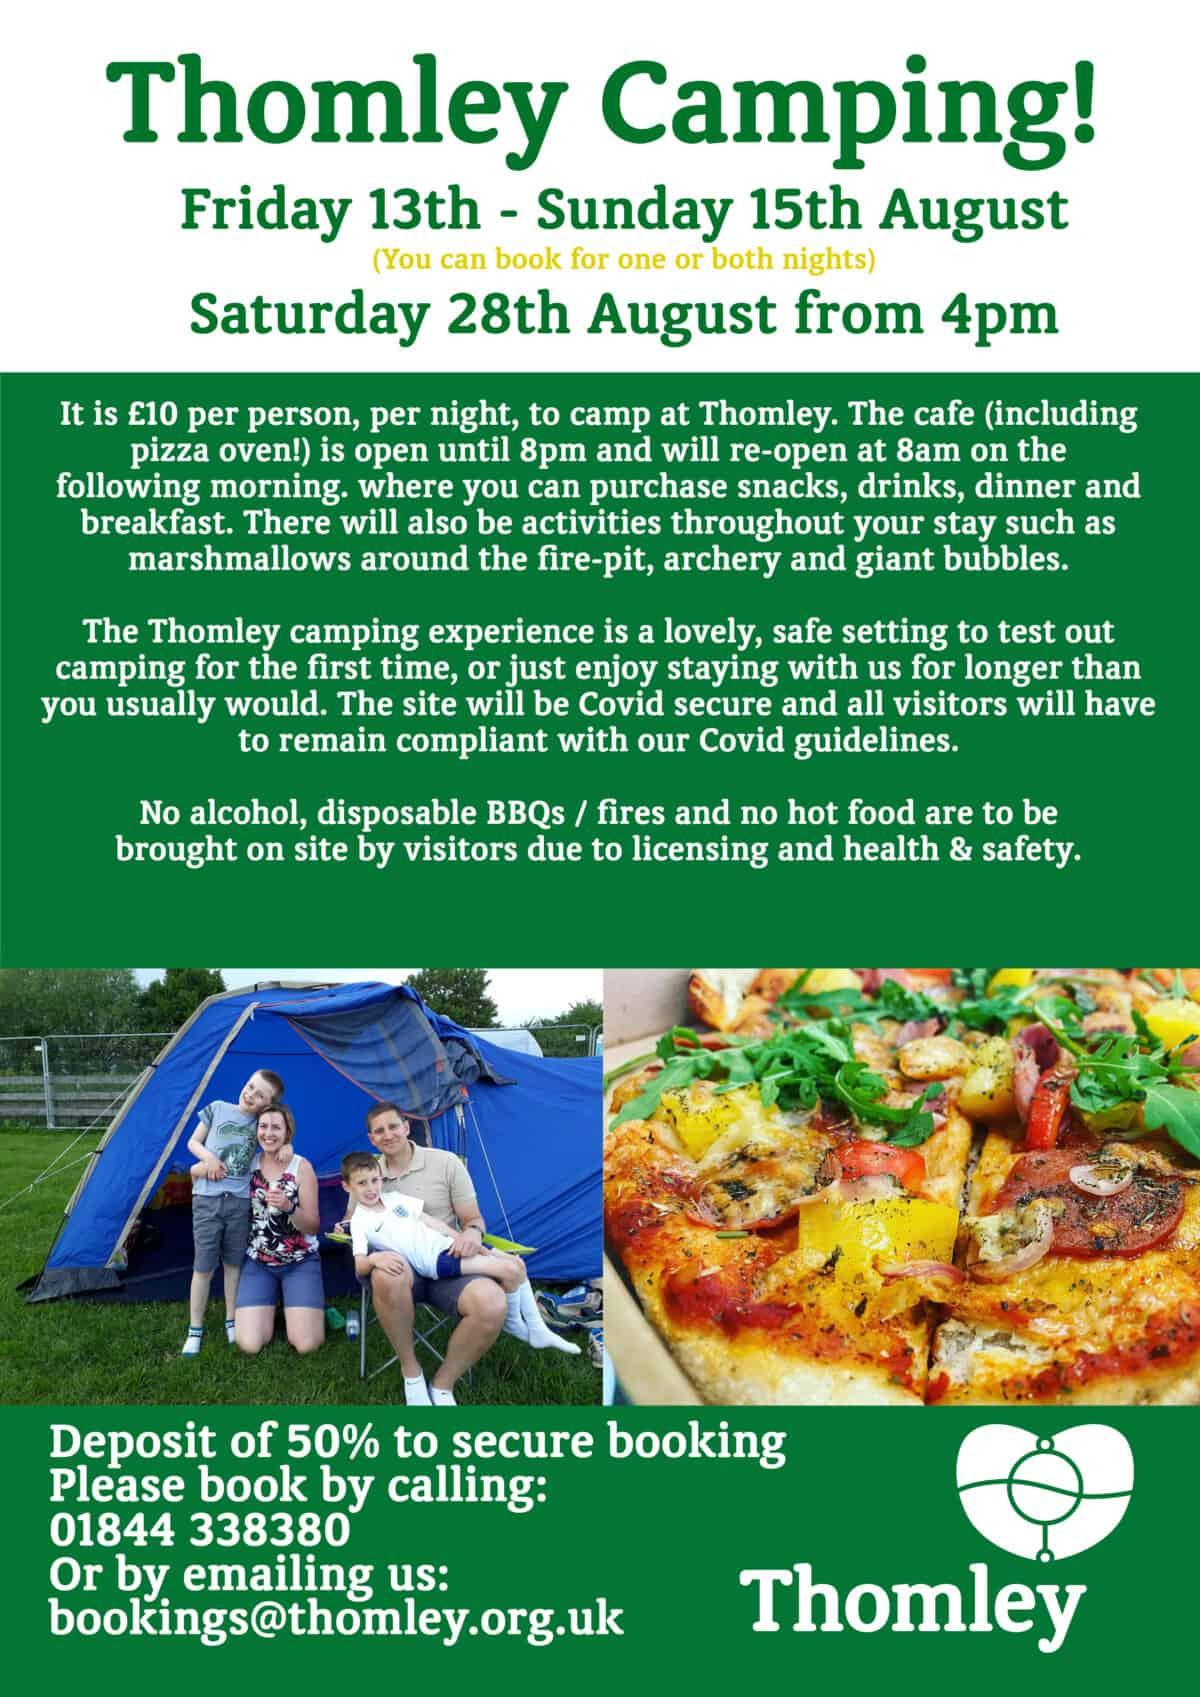 Summer Camping At Thomley…